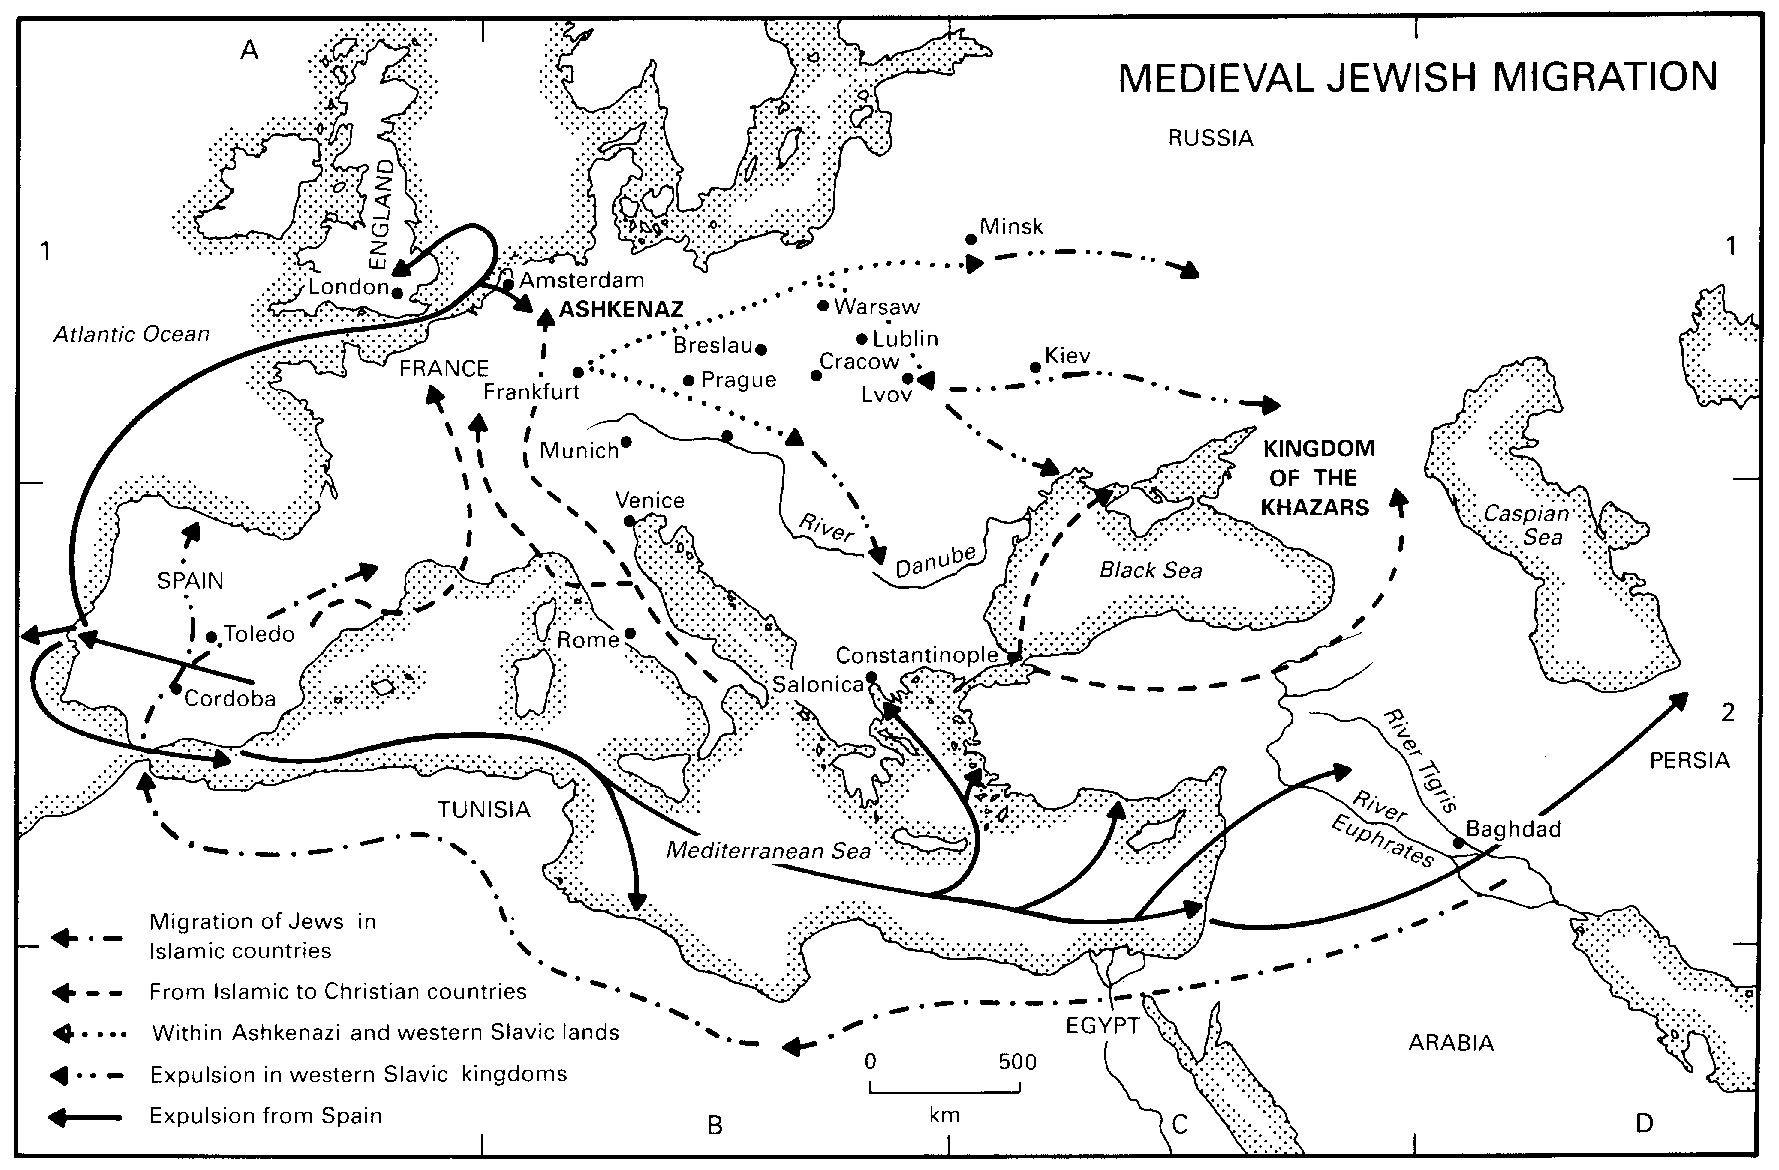 Medieval Jewish Migration